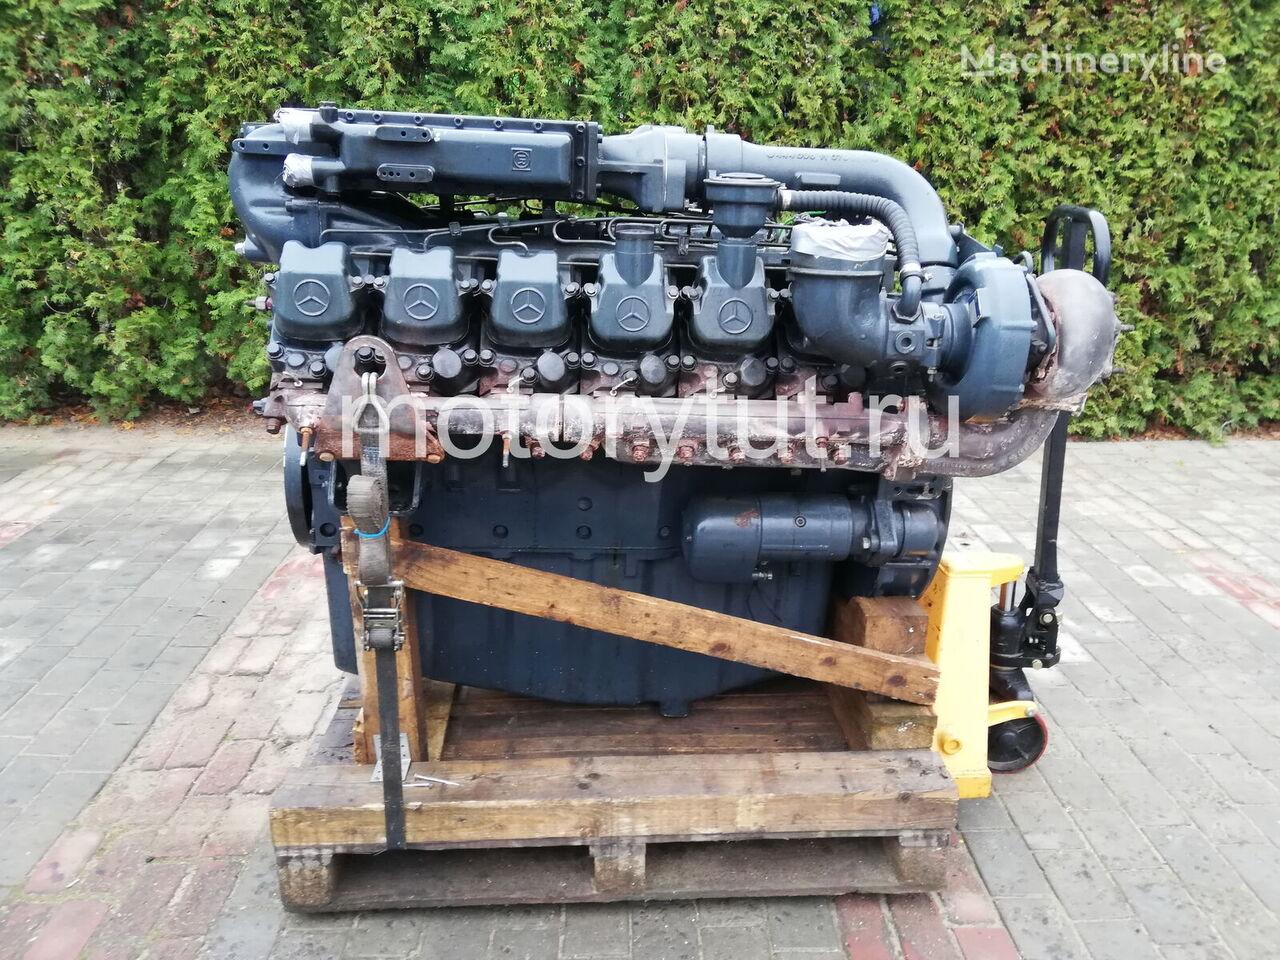 двигатель MERCEDES-BENZ OM 444 LA для дорожной фрезы WIRTGEN W2100 DCR